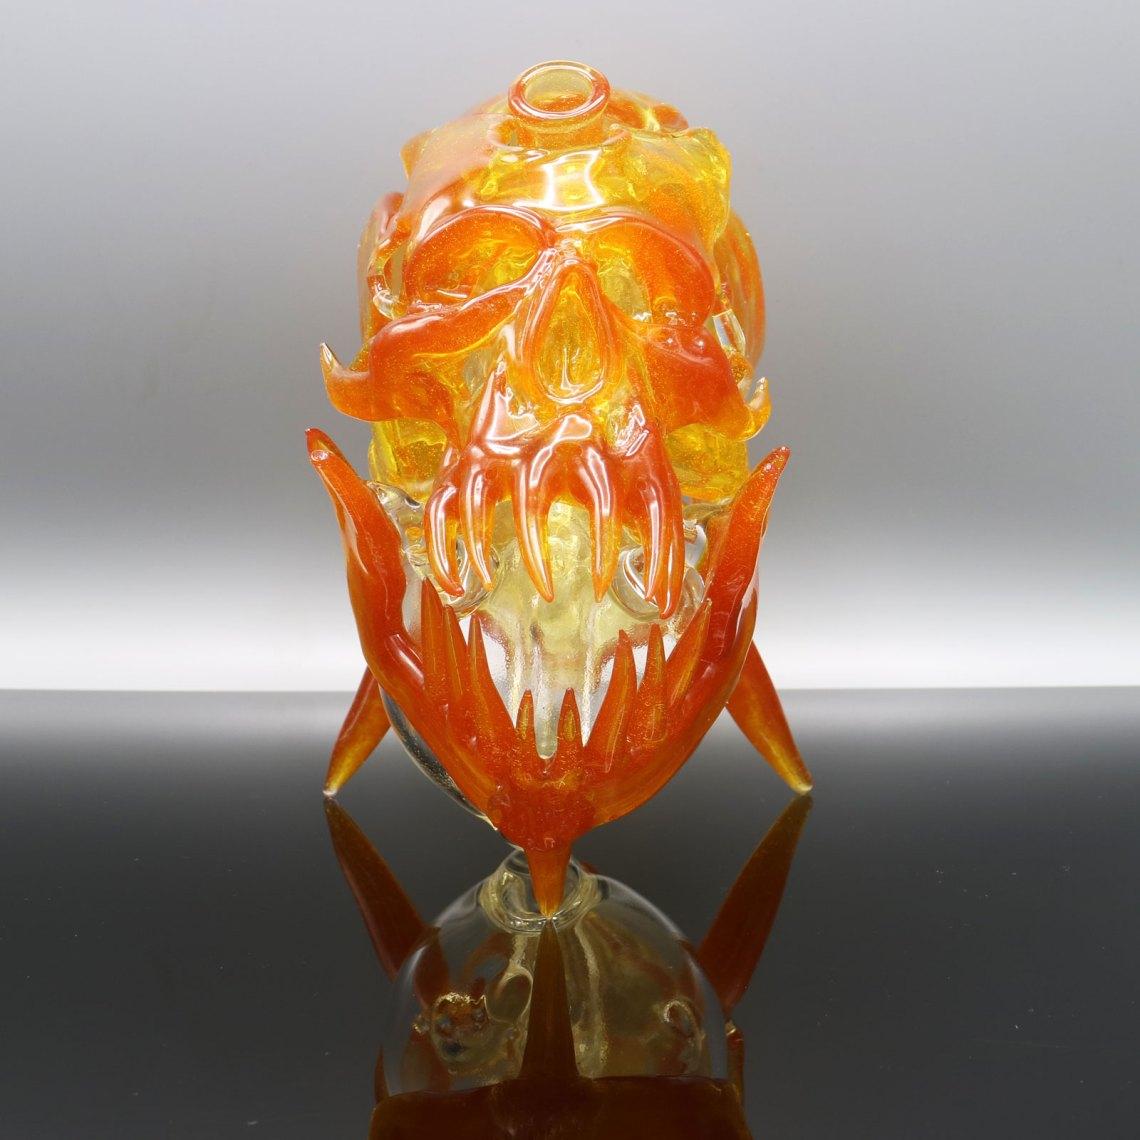 Jonny Carrcass – Tangerine Skull